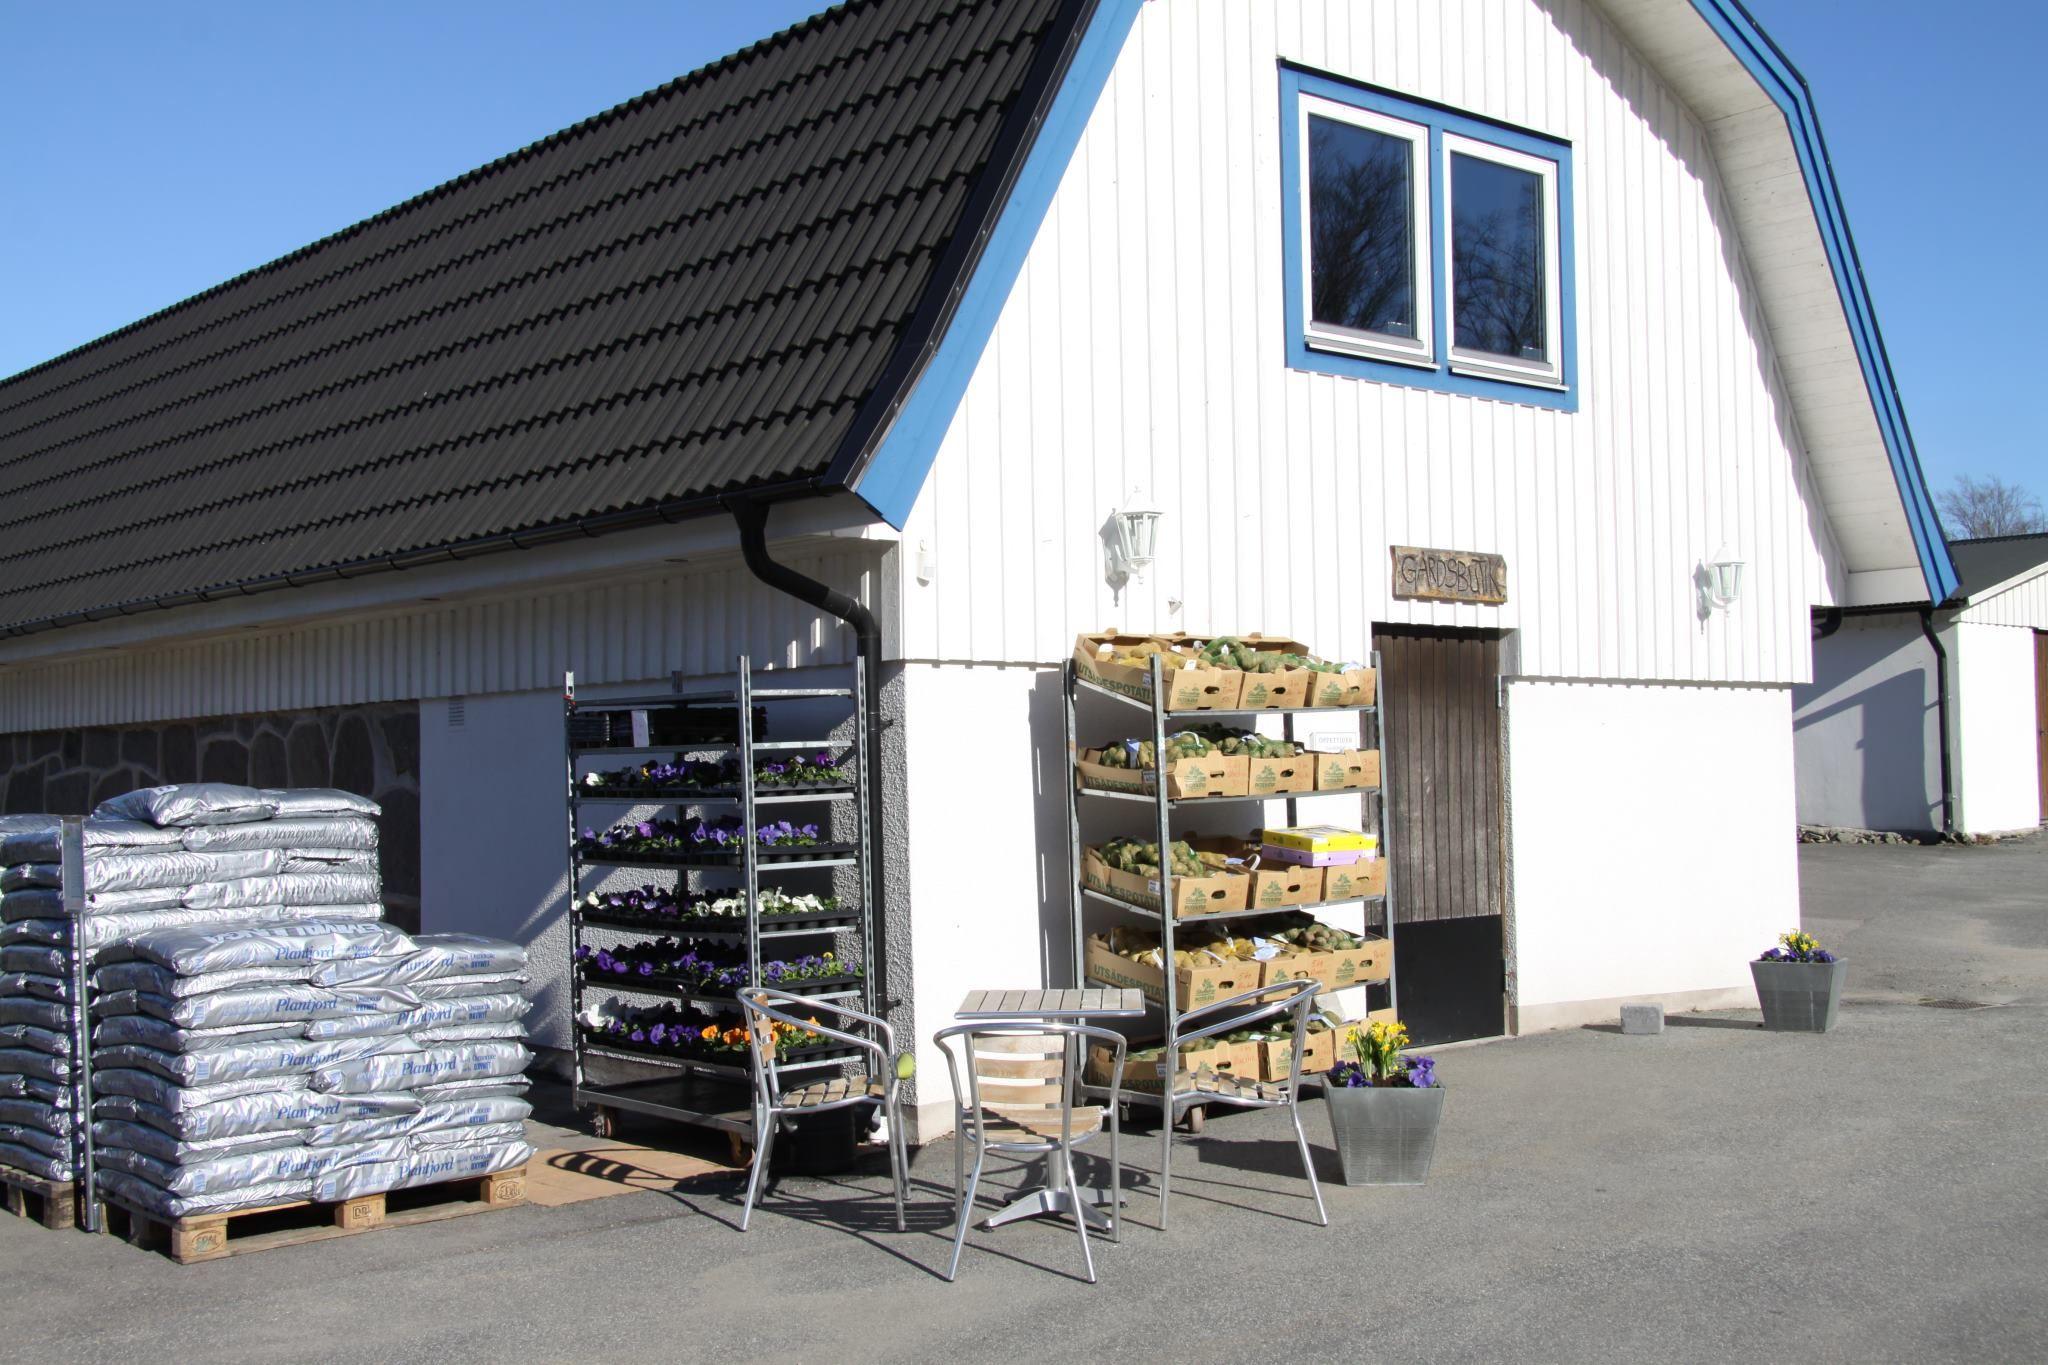 Olsängspotatis gårdsbutik